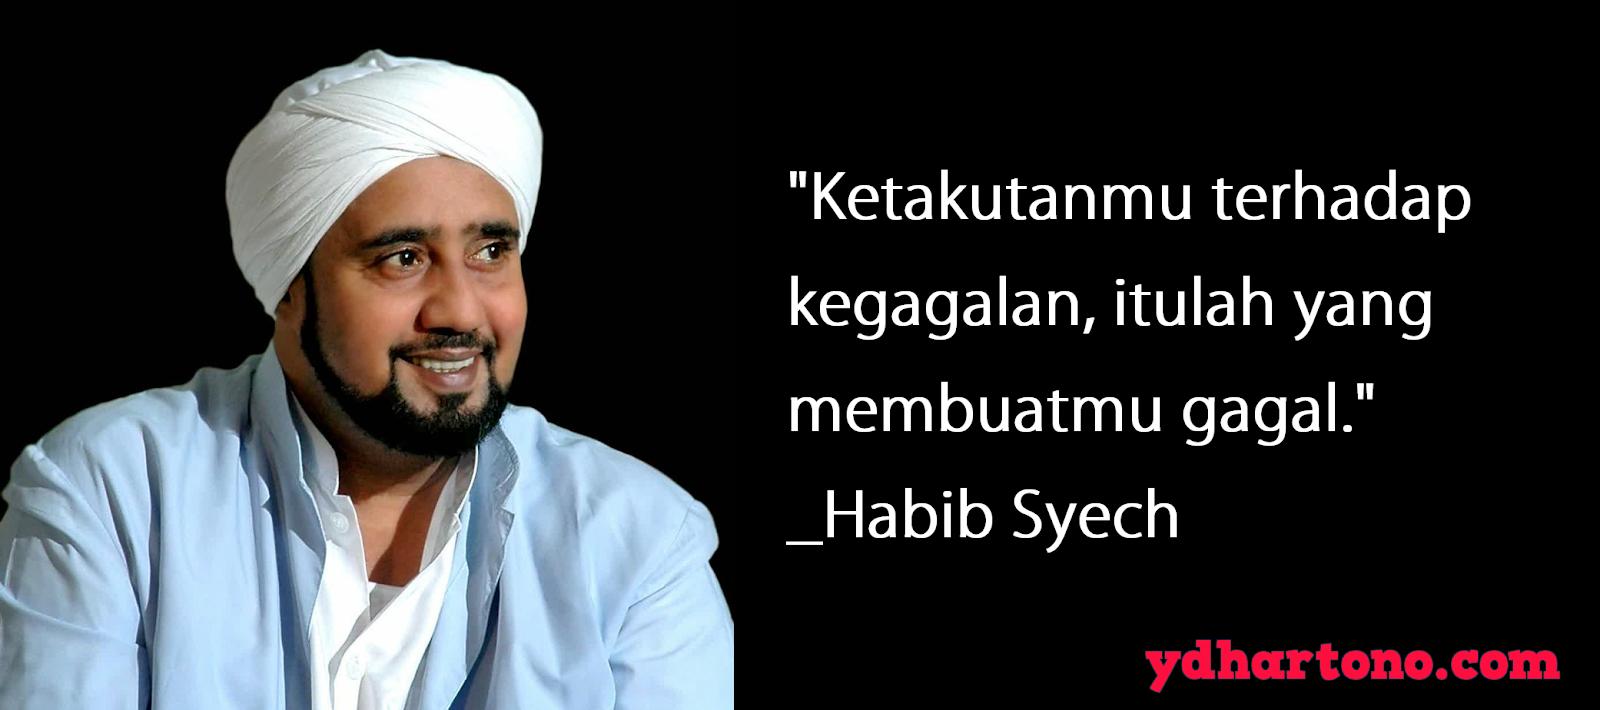 18 Kata Mutiara Habib Syech Penuh Motivasi Dan Inspirasi